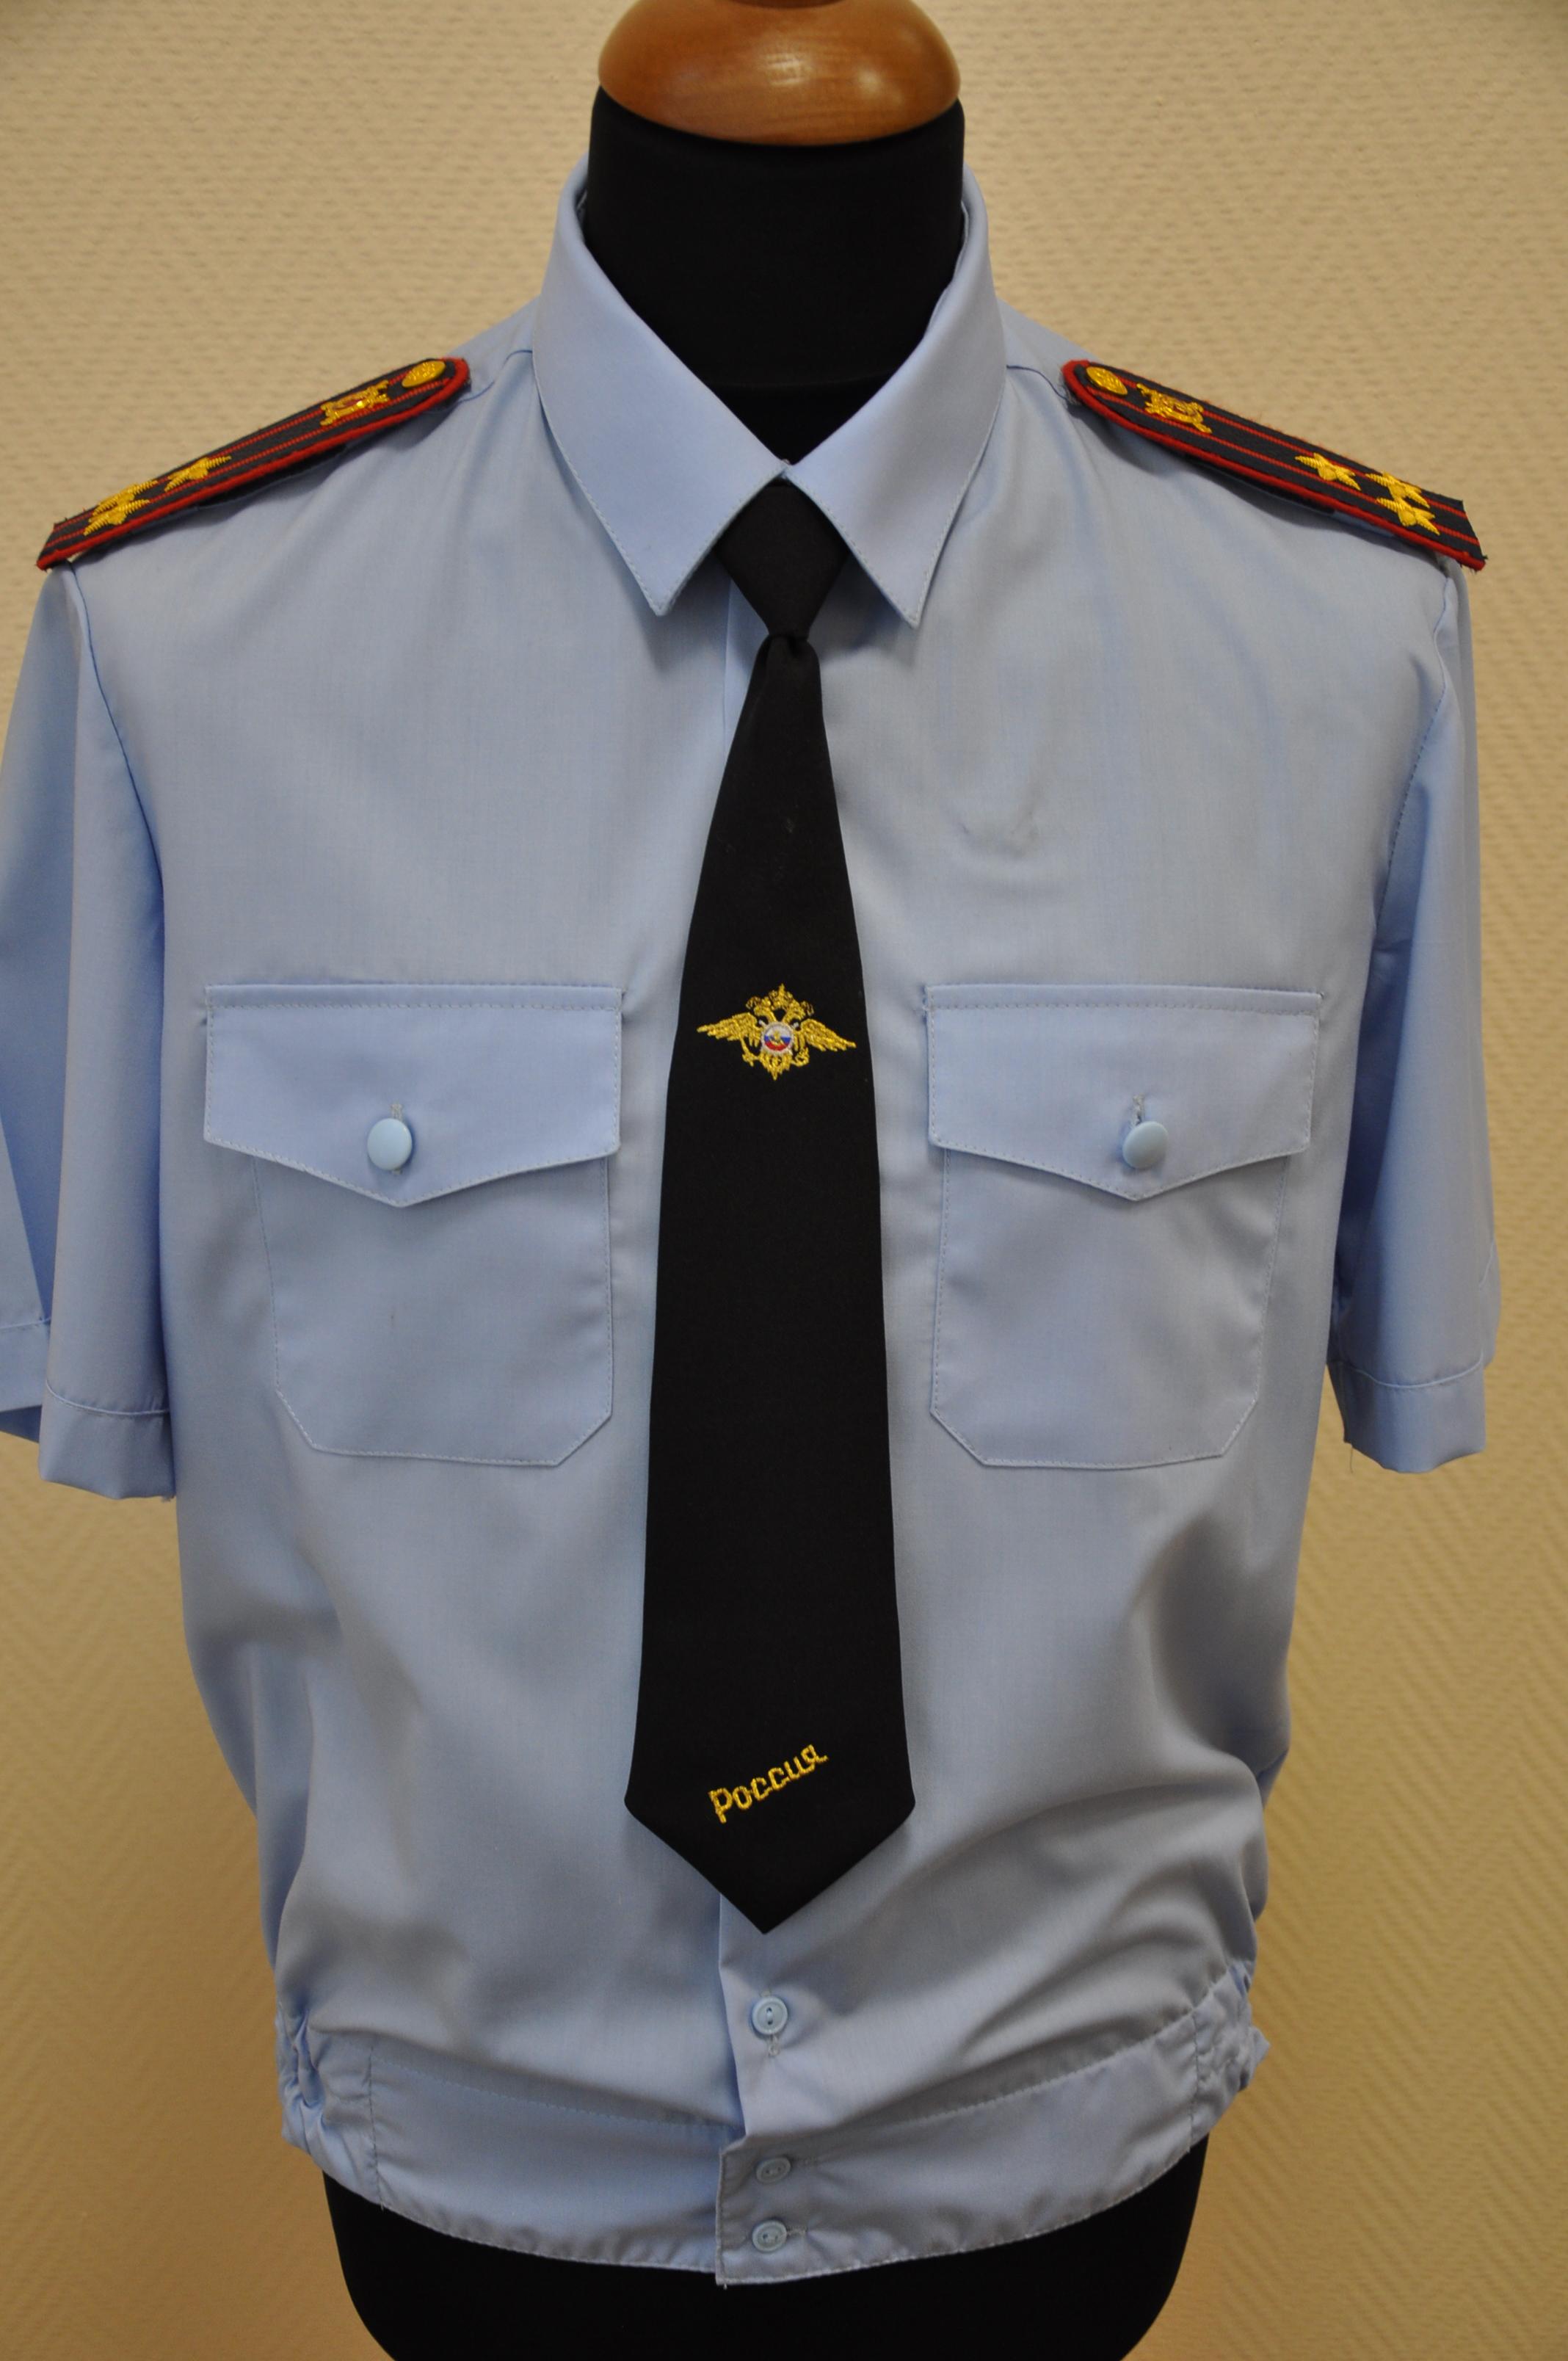 Фото форменной рубашки, пошитой на заказ в компании Узловая